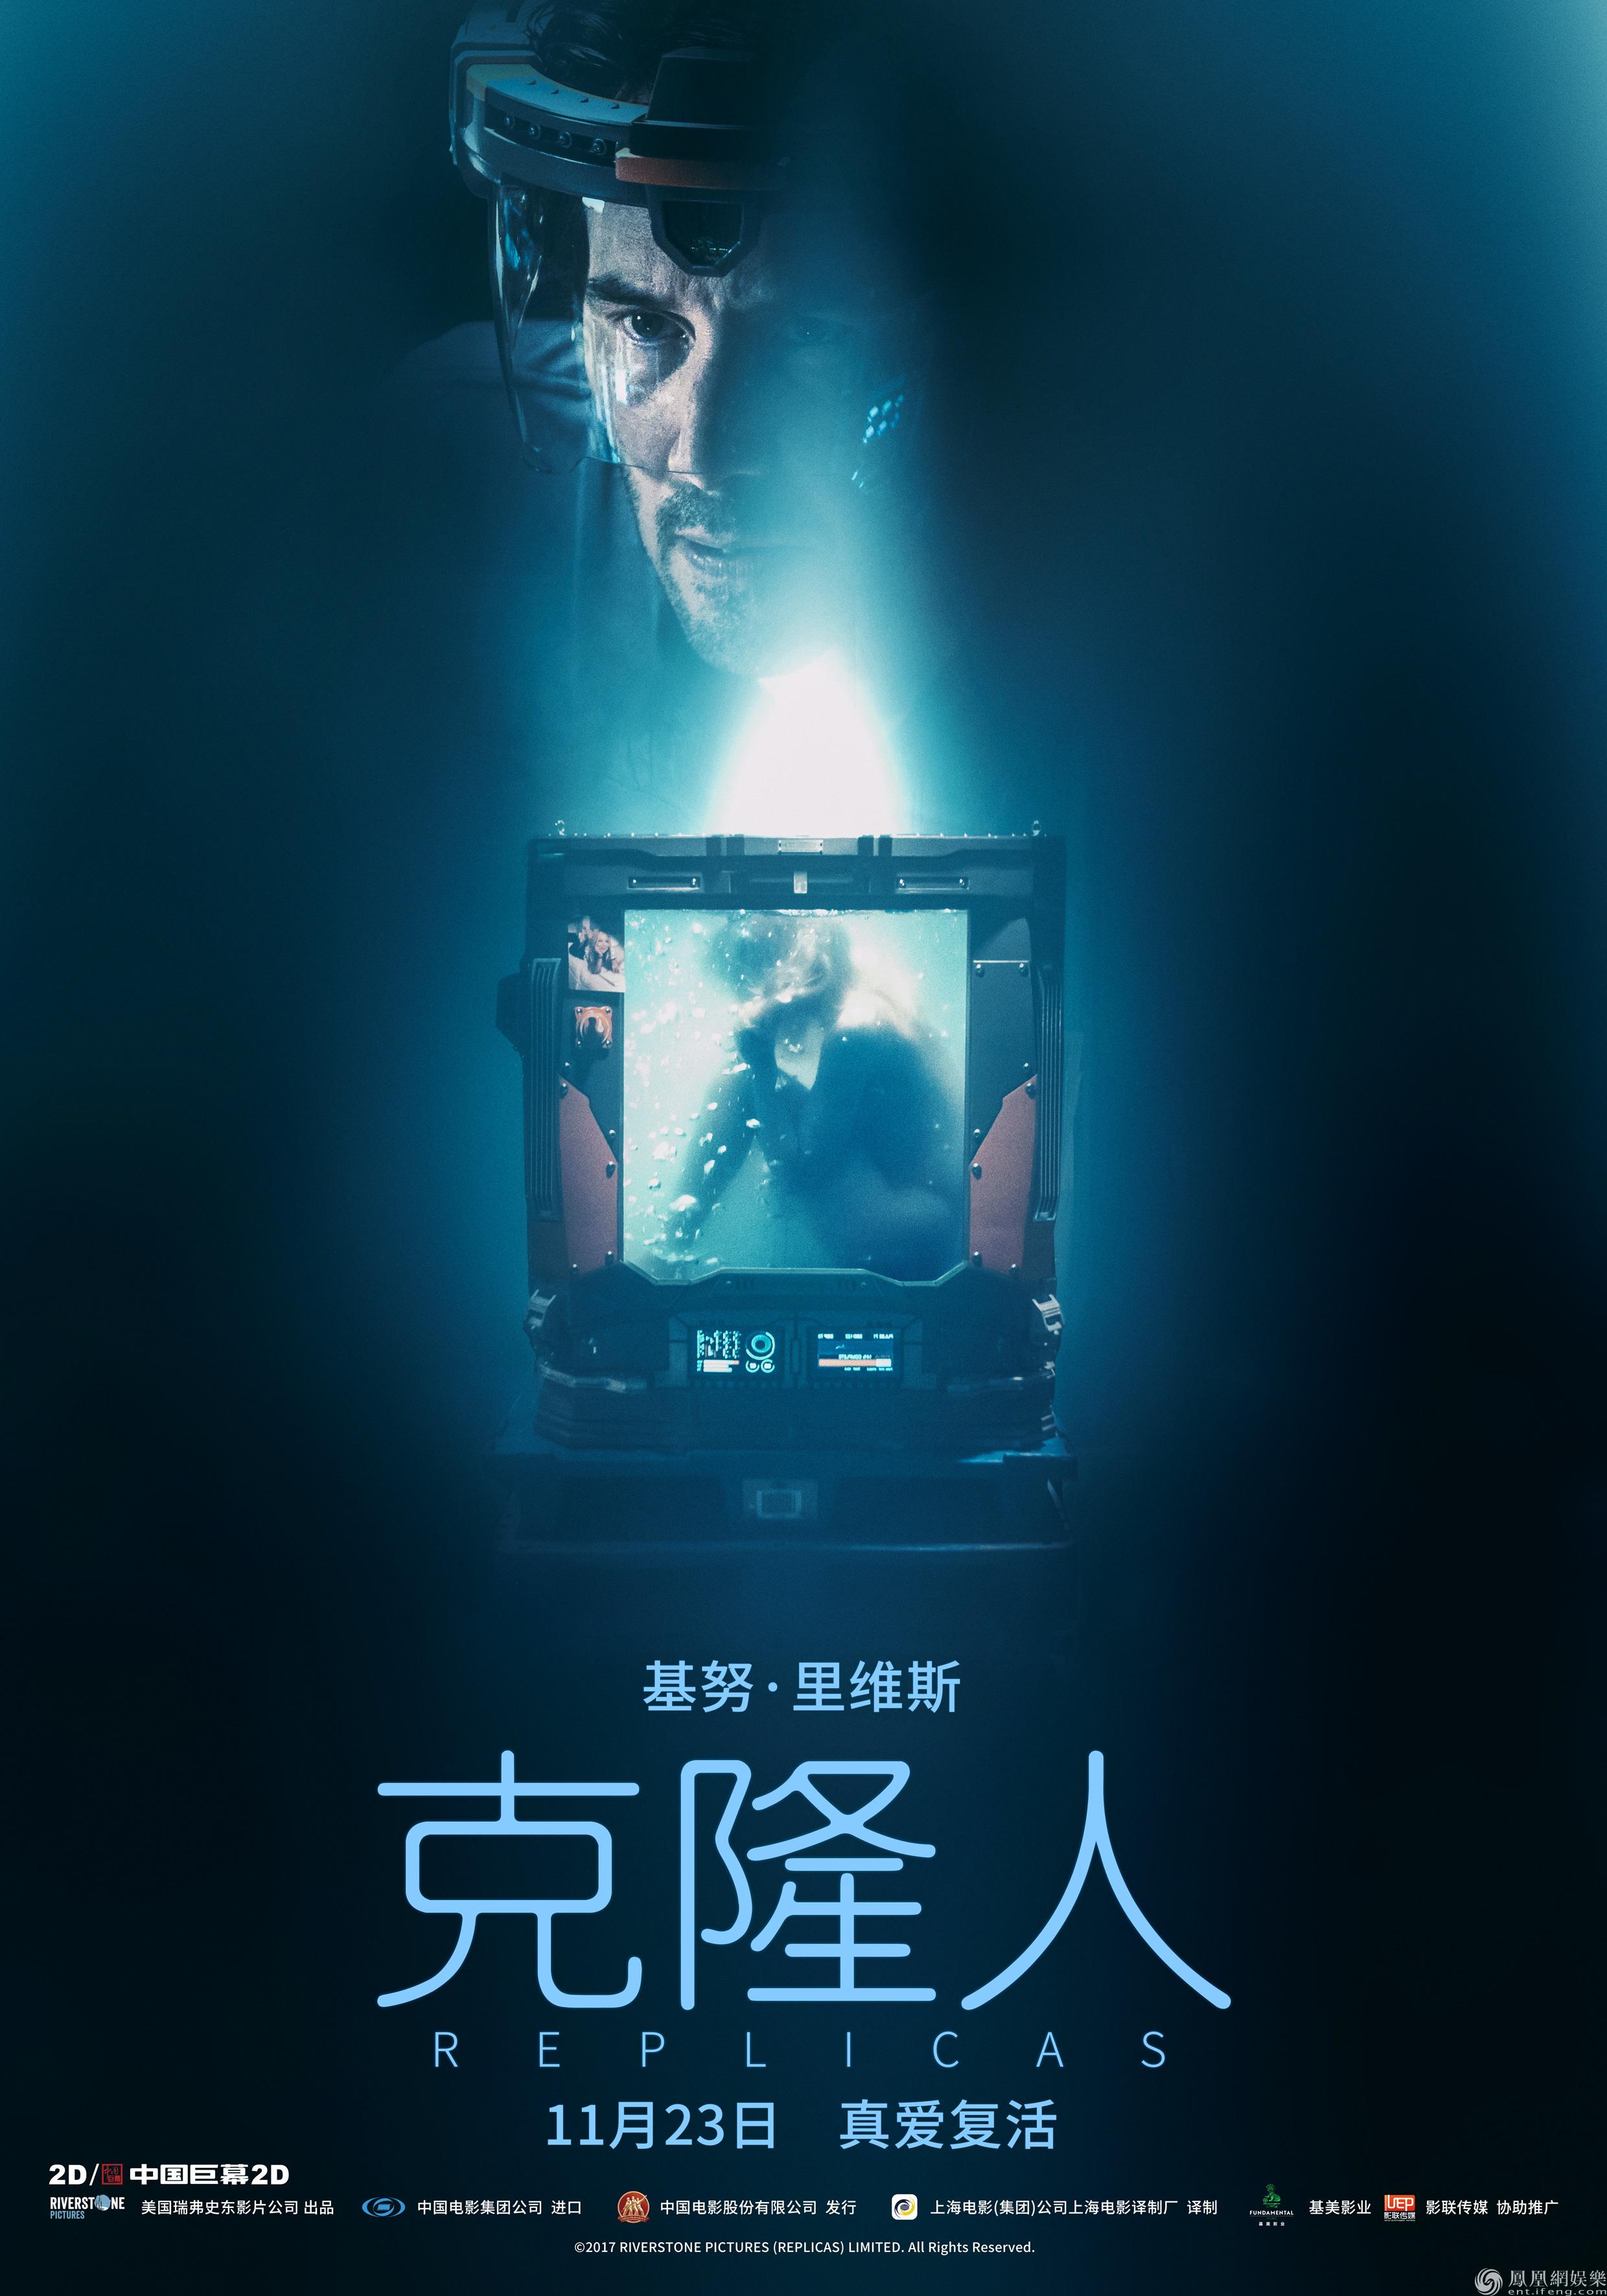 《克隆人》定档1123 基努·里维斯科幻新片中国公映